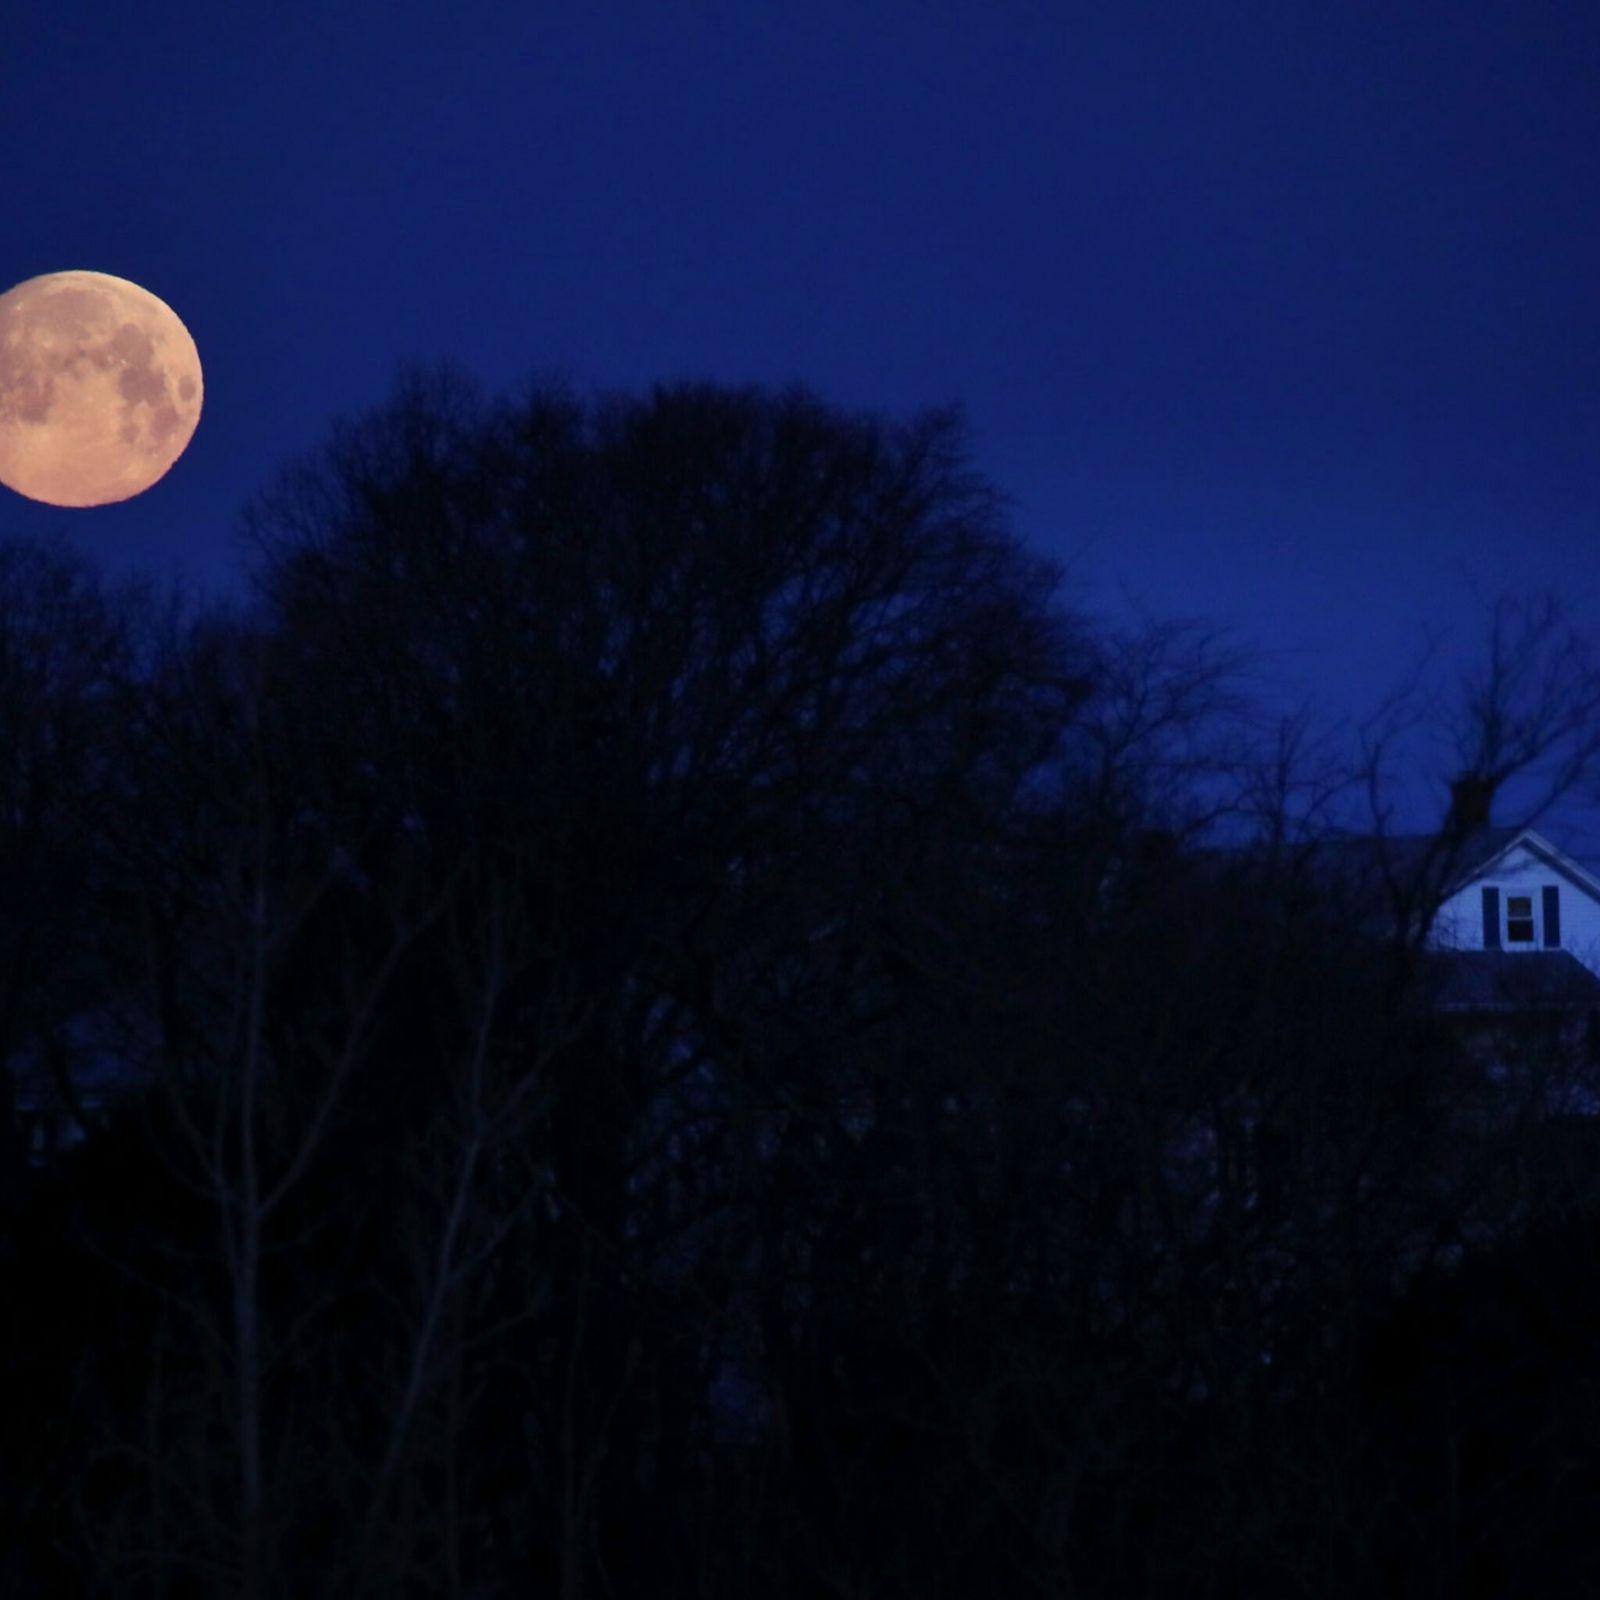 Una «superluna» se pone sobre el barrio de Dorchester, en Boston